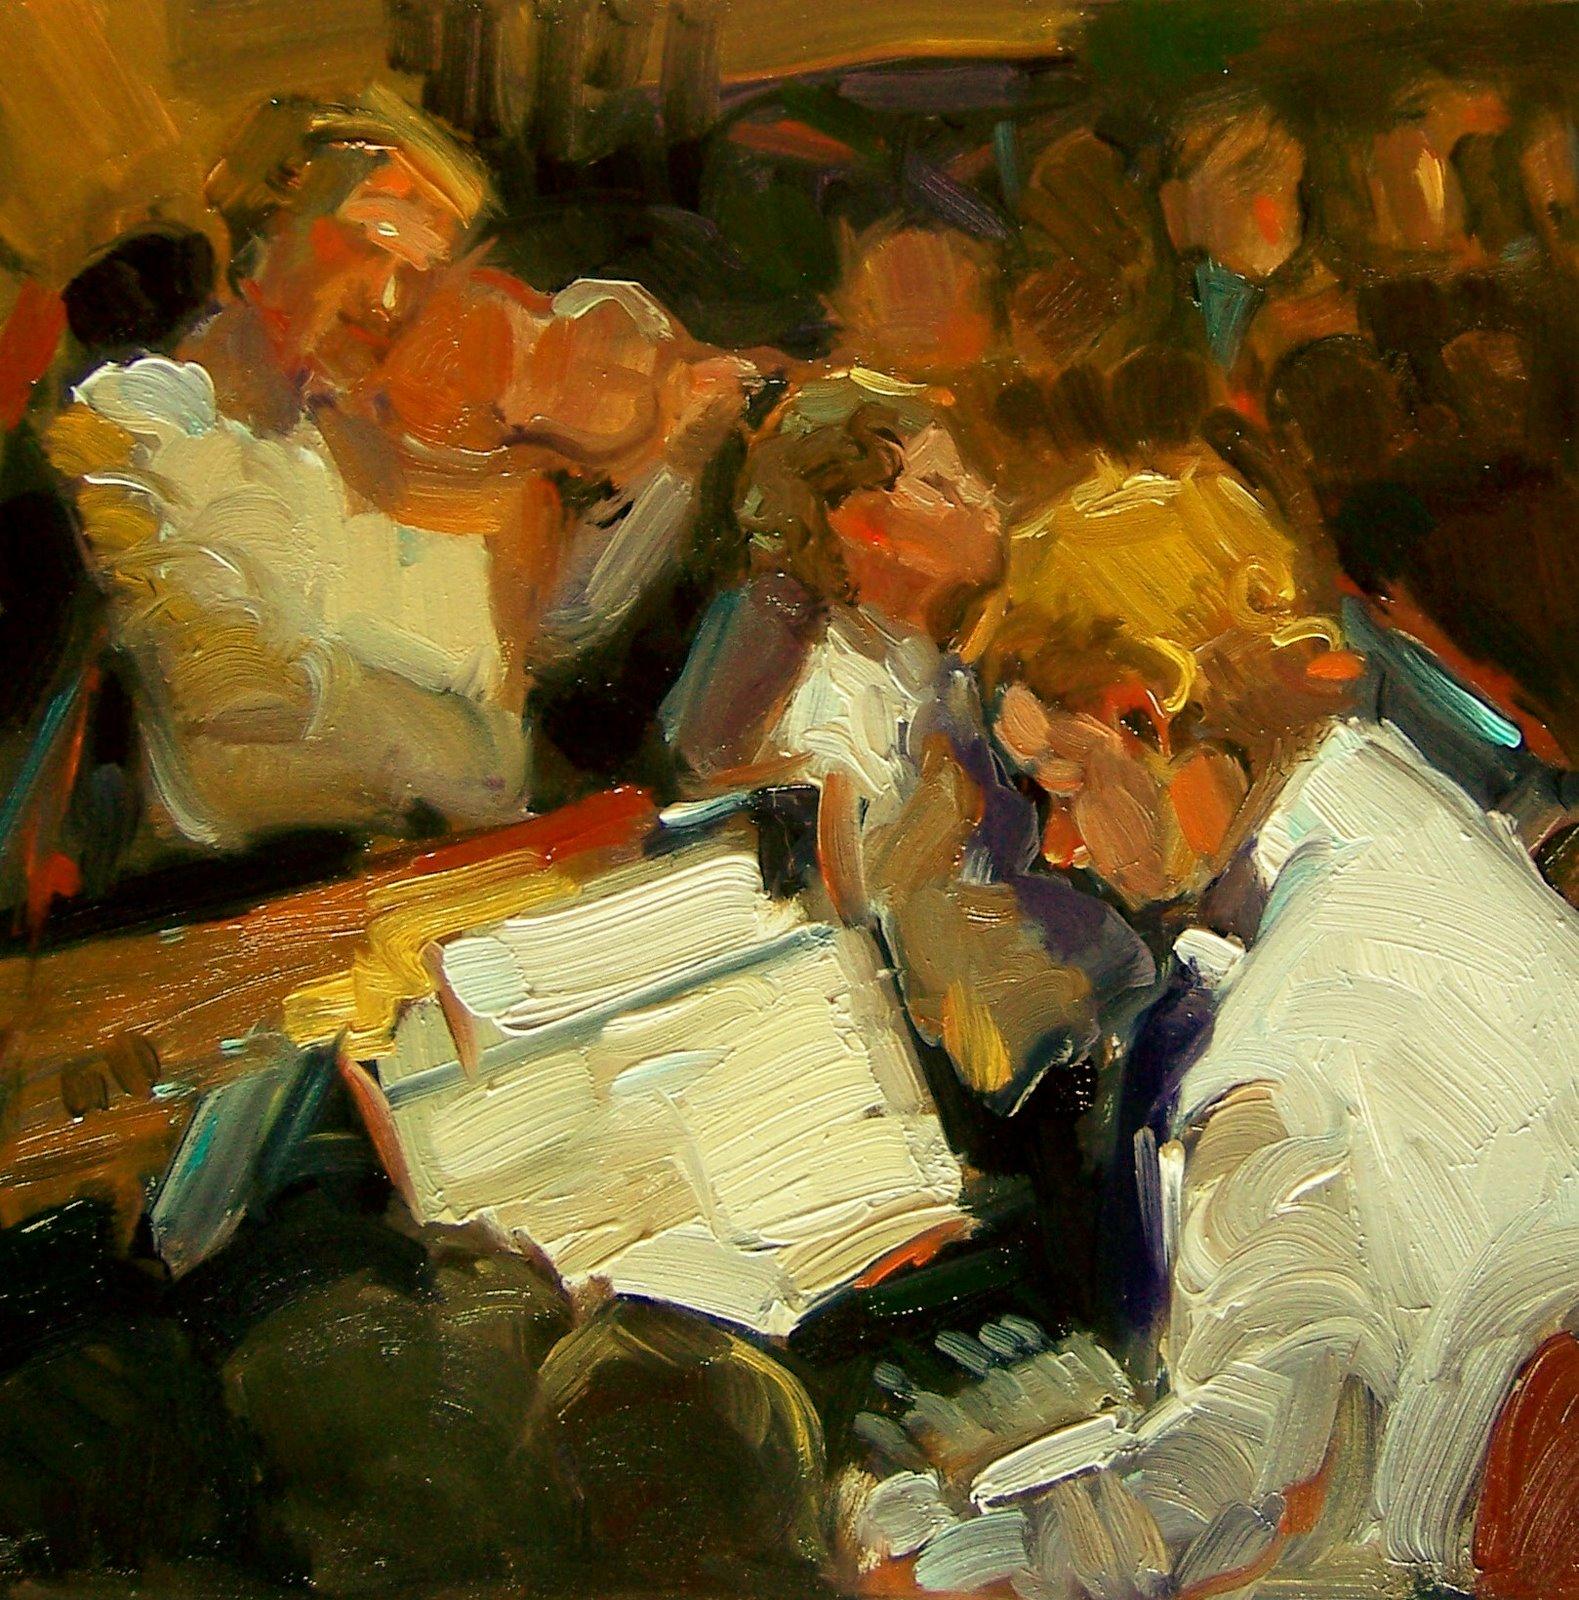 thepianist